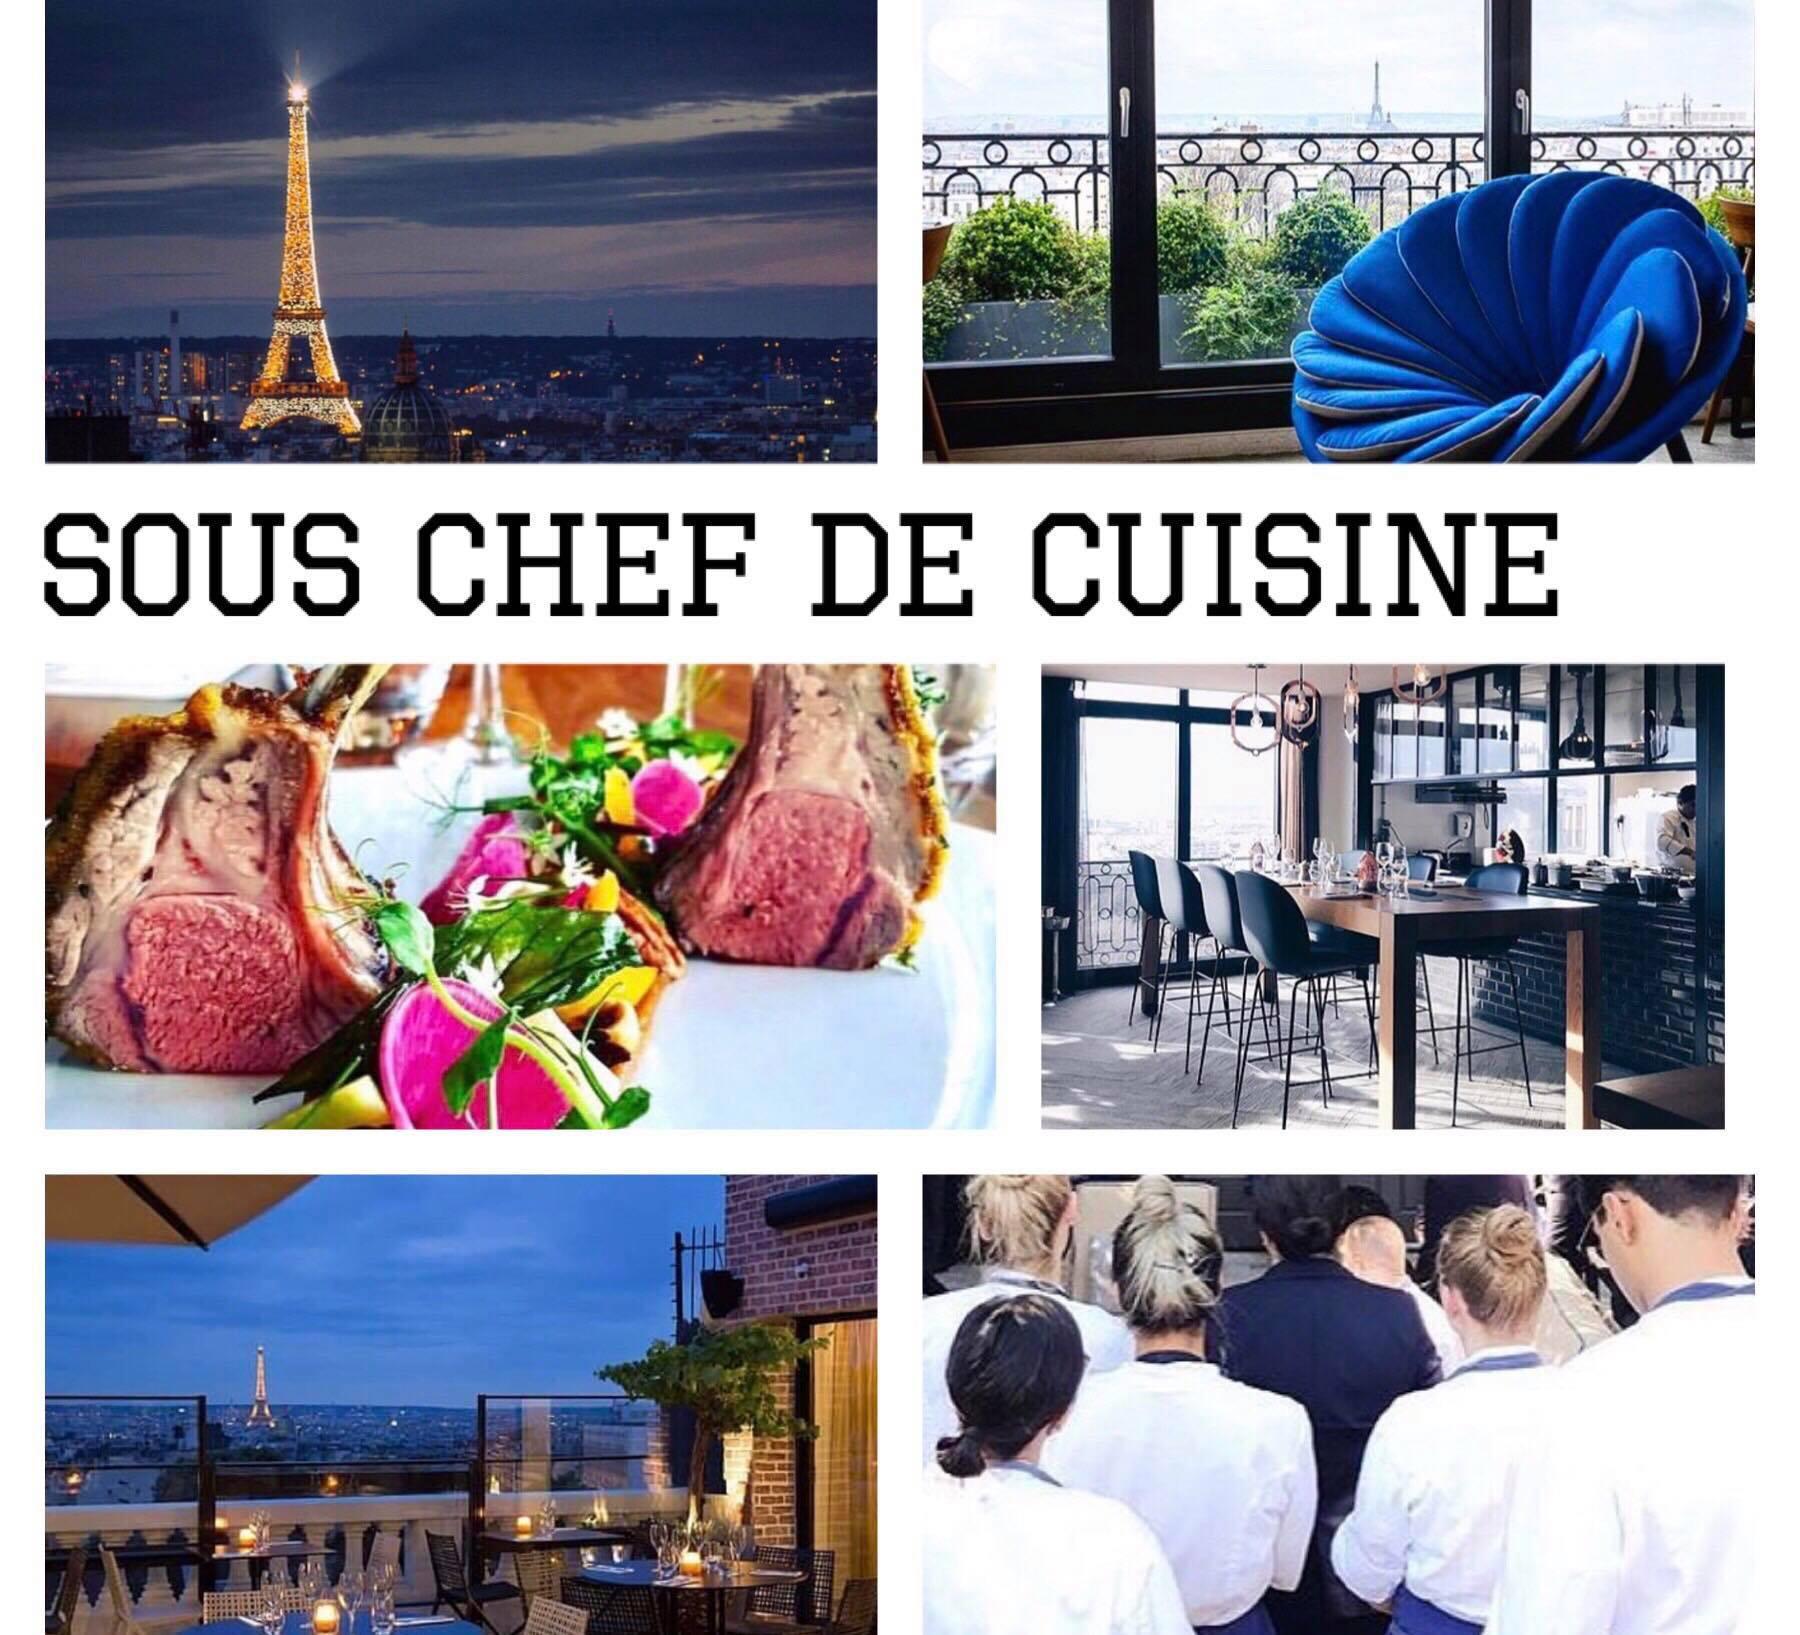 Sous chef de cuisine rhea recrutement - Salaire net commis de cuisine ...